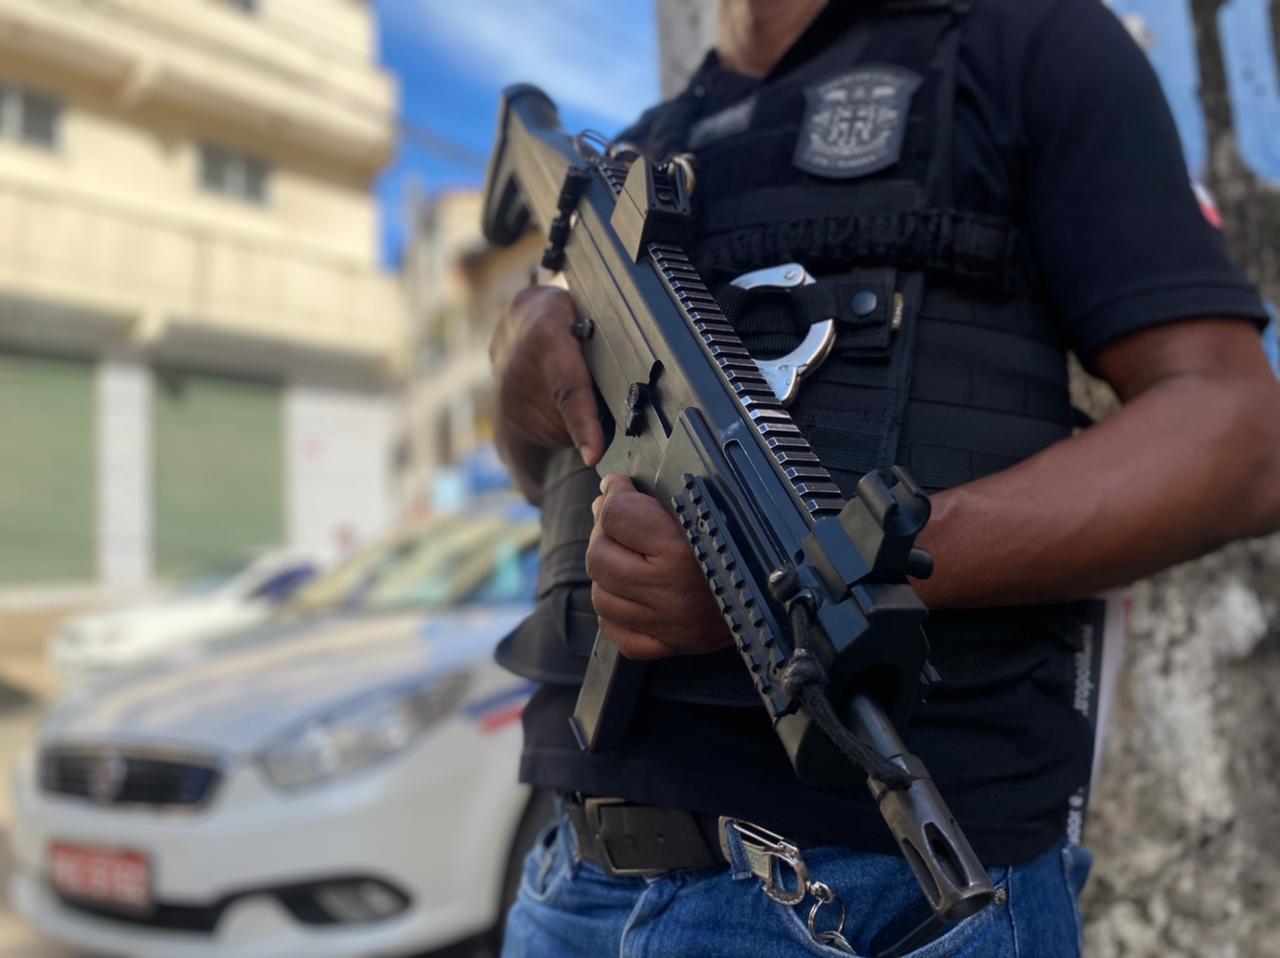 Equipes da 23ª DT de Lauro de Freiras desarticulam quadrilha de assaltantes de transportes por aplicativo